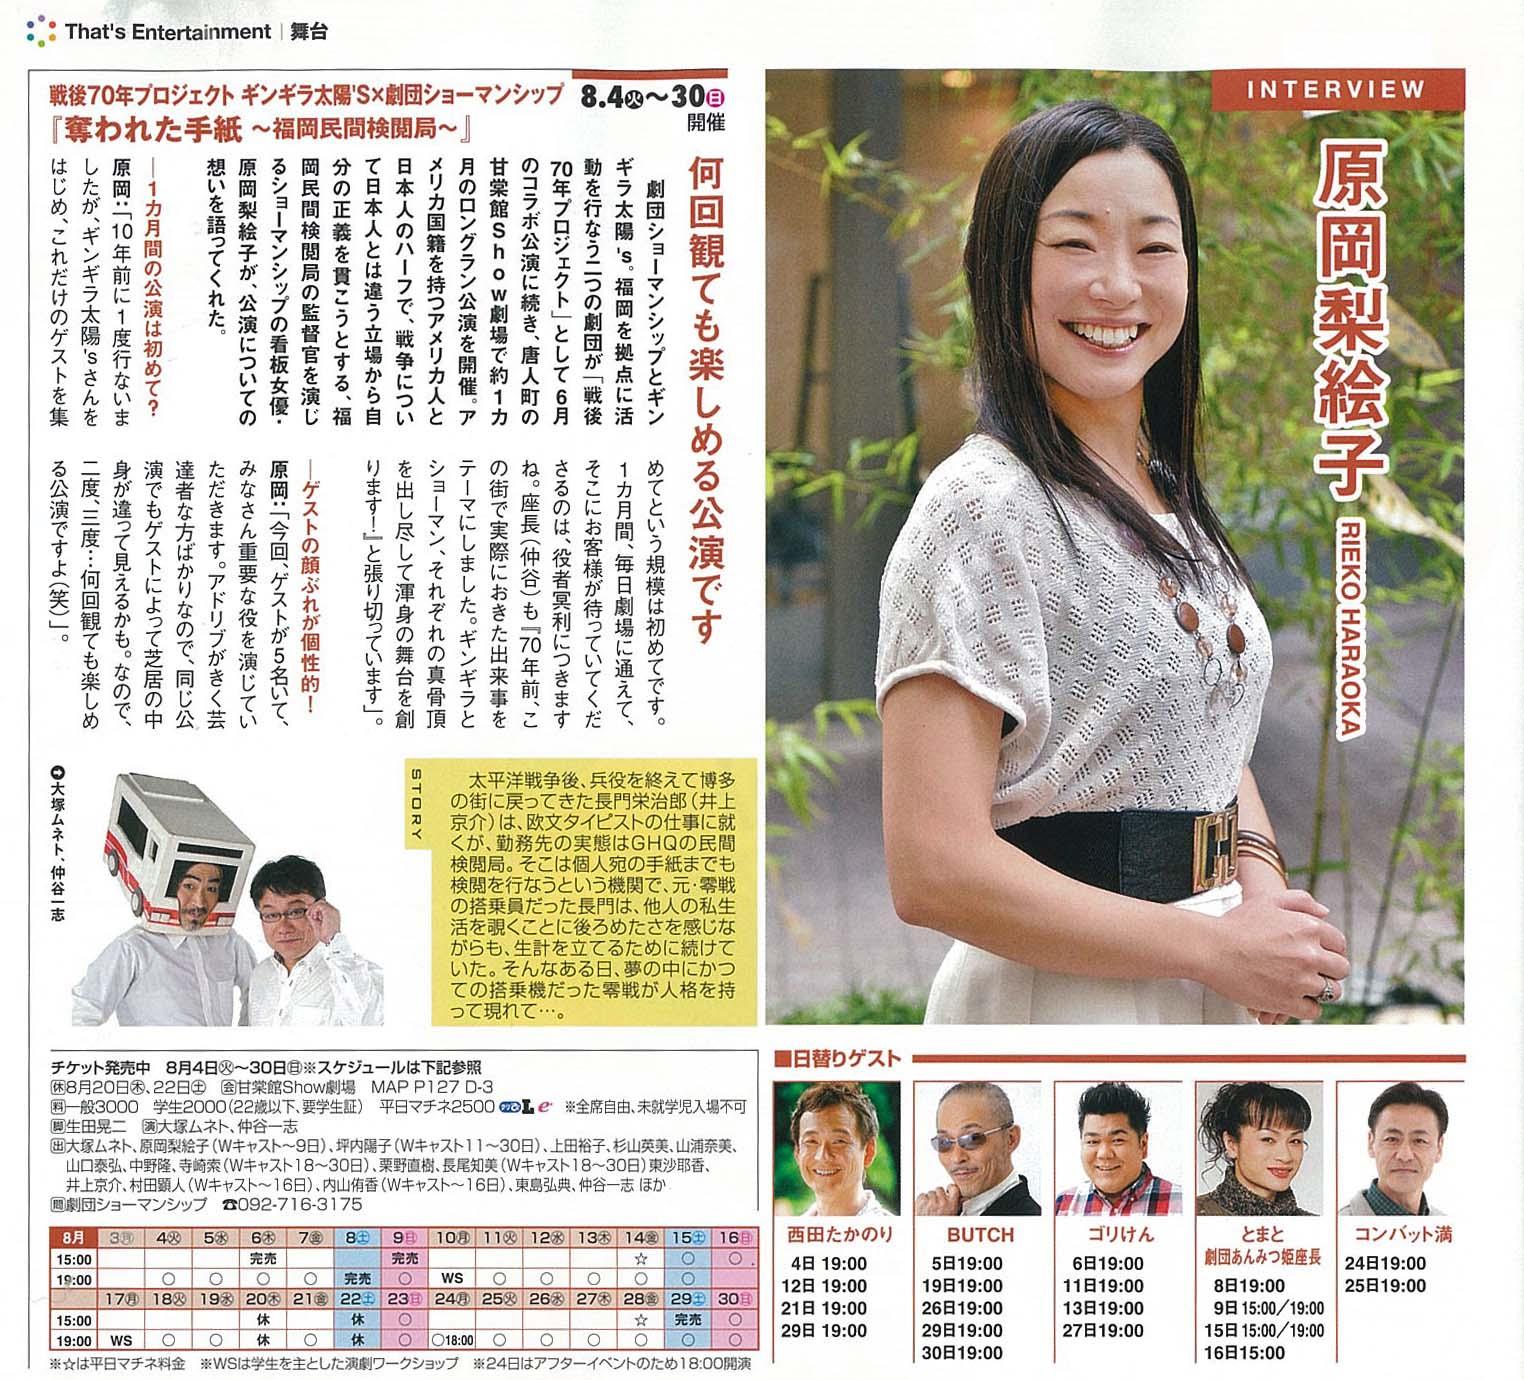 2015年  シティ情報ふくおか8月号(7/20発行号)